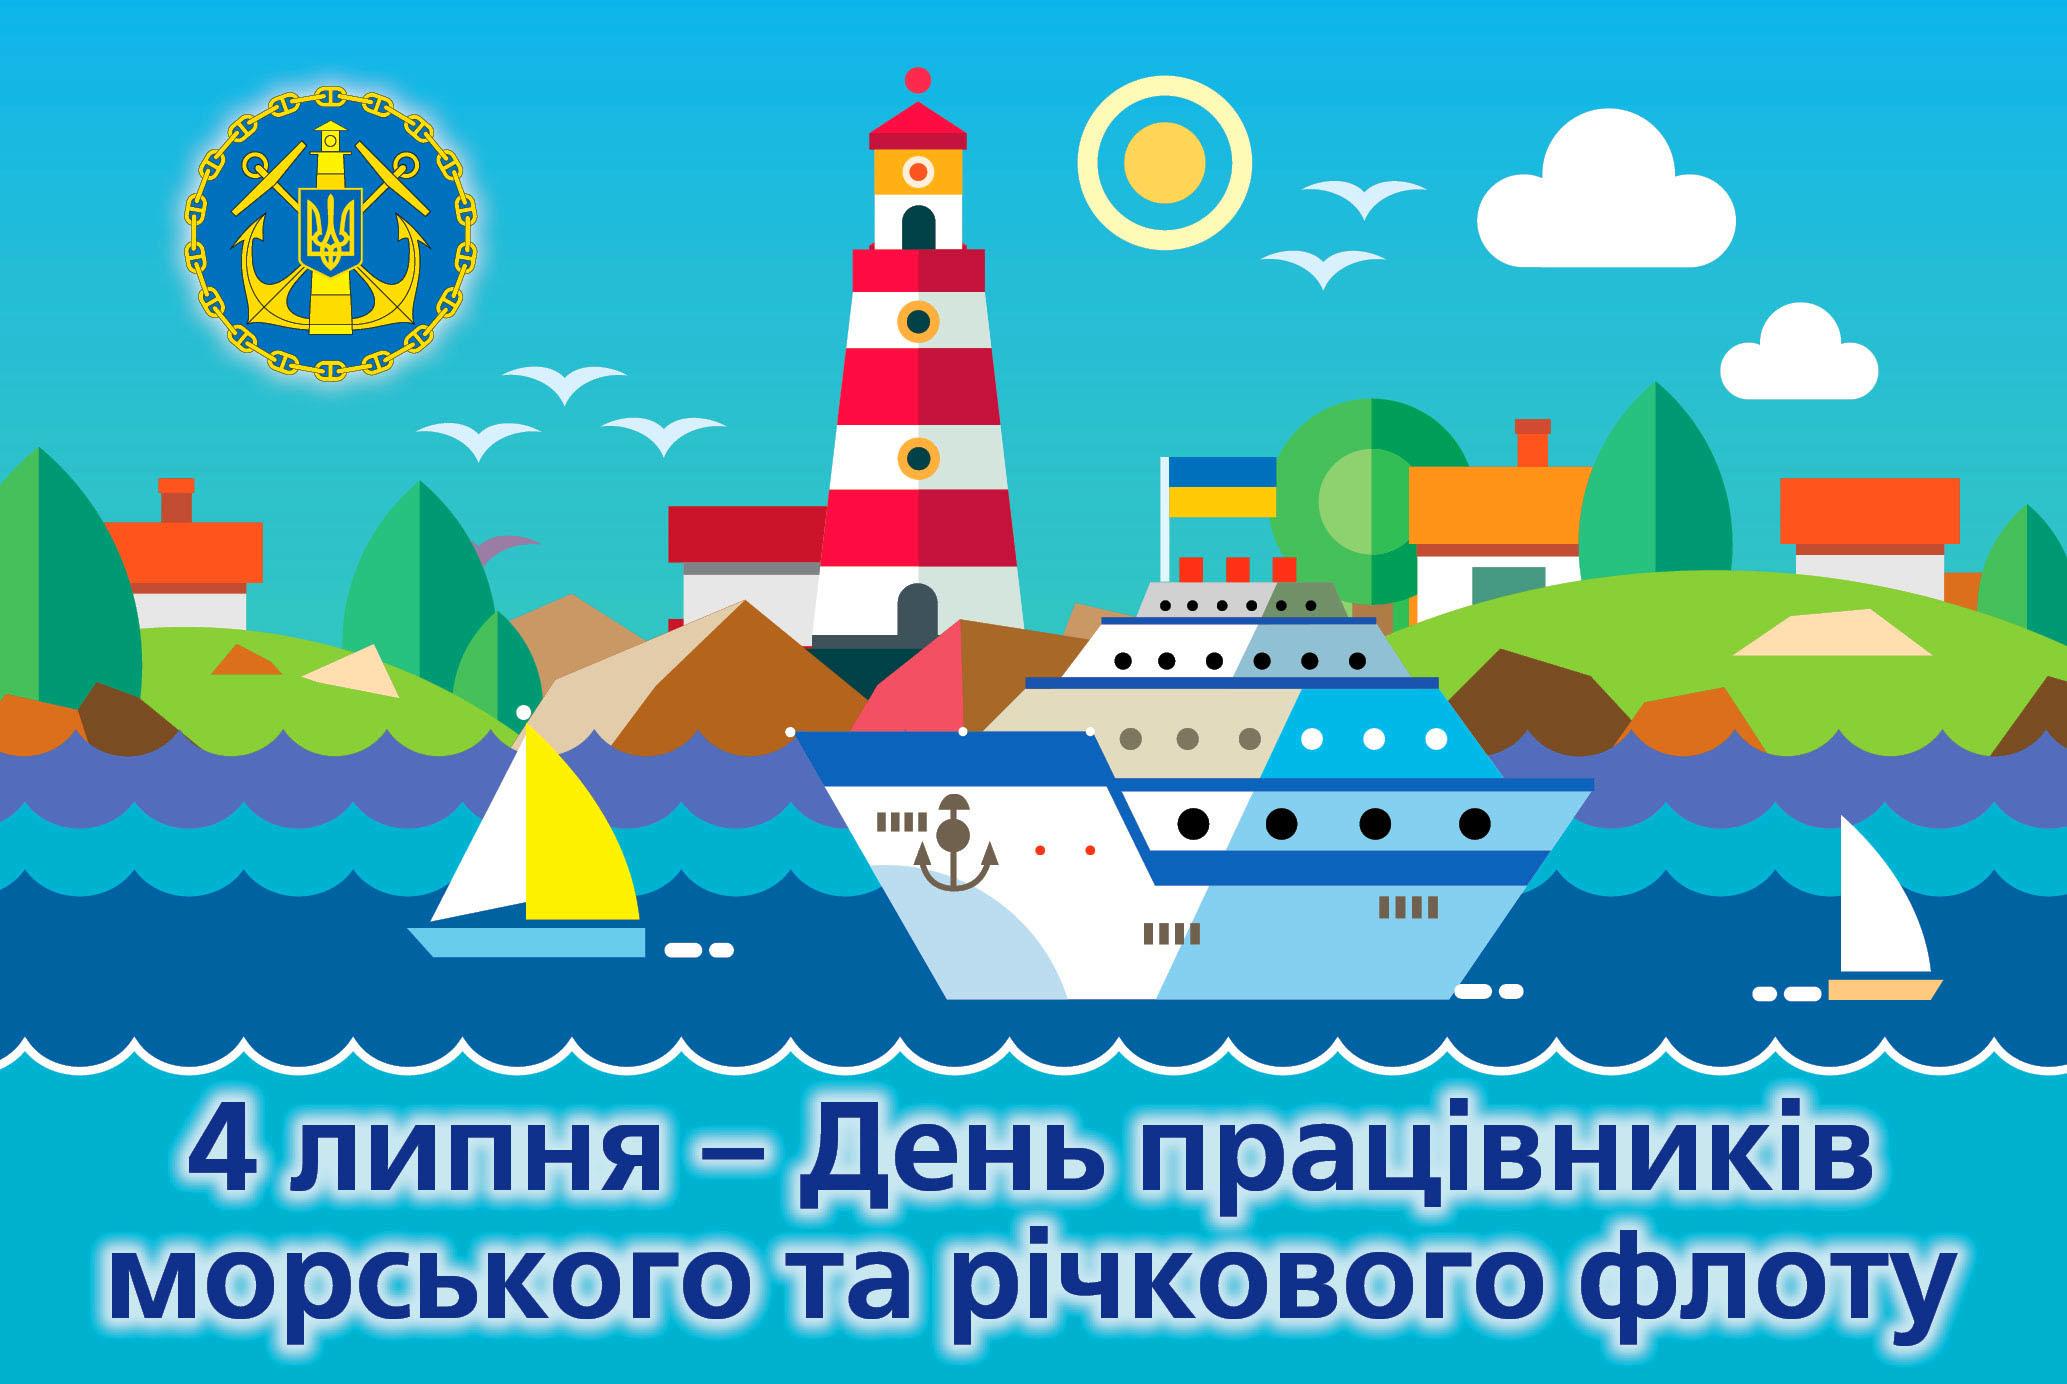 З Днем працівників морського та річкового флоту України!